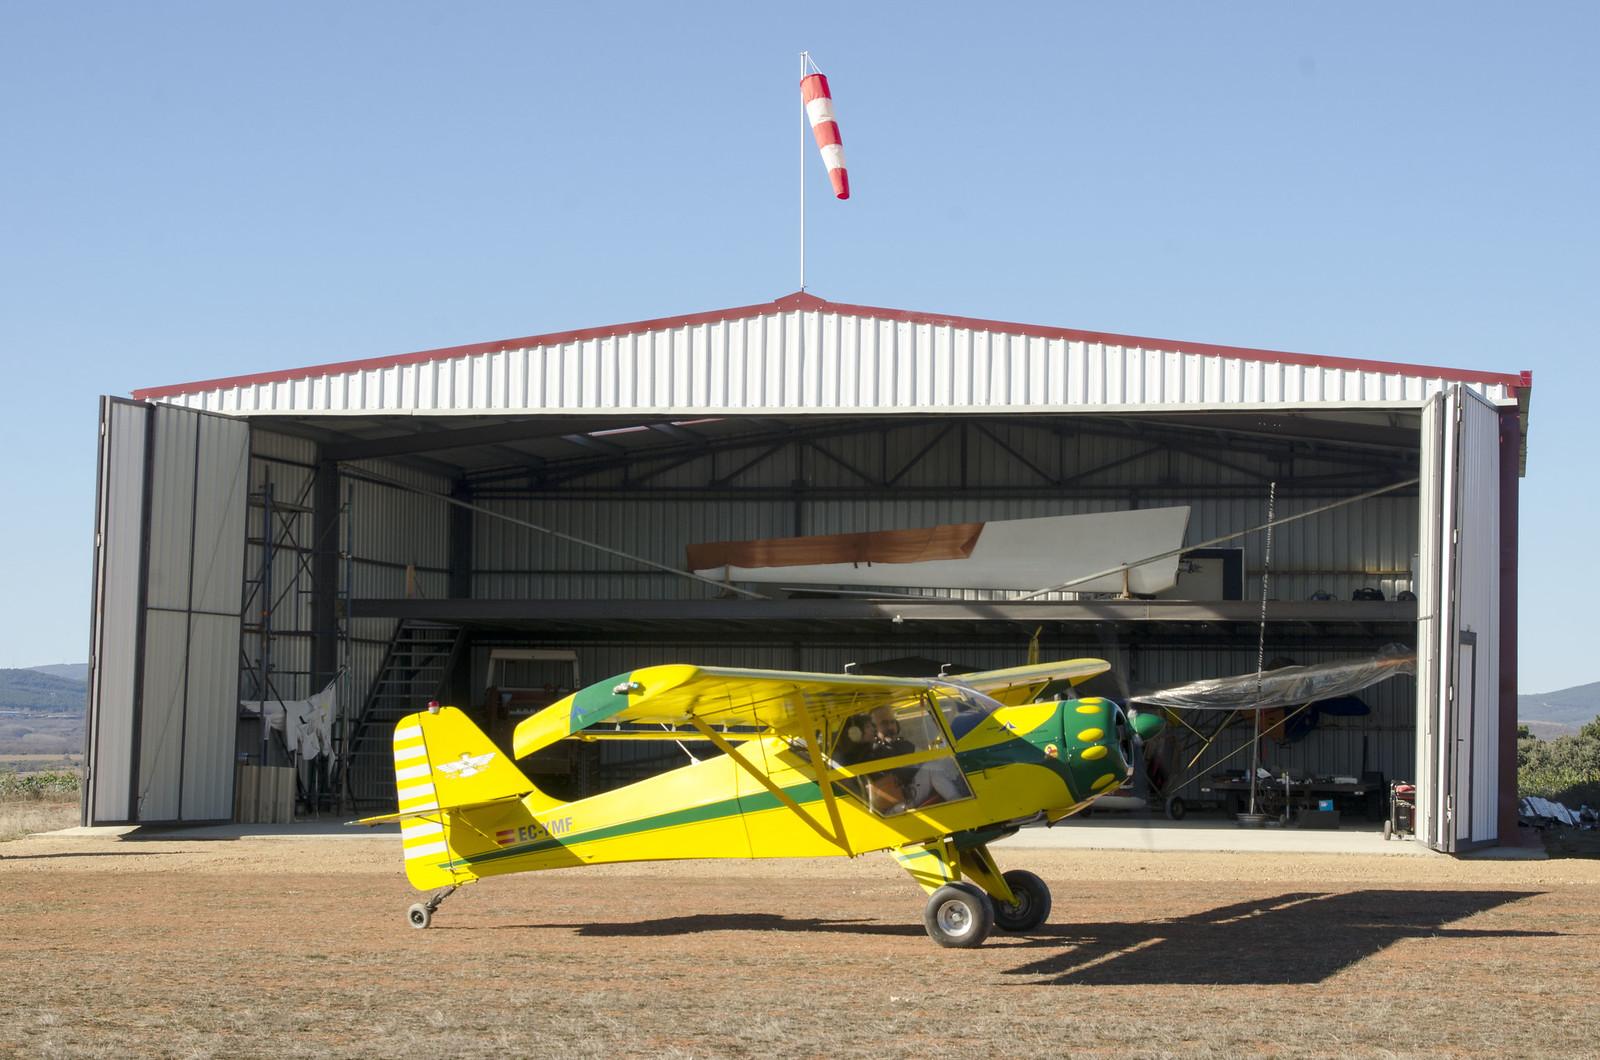 Vuelo Roberto Jabiru UL-450 Aerodromo Kitfox vuelo Astorga (160)